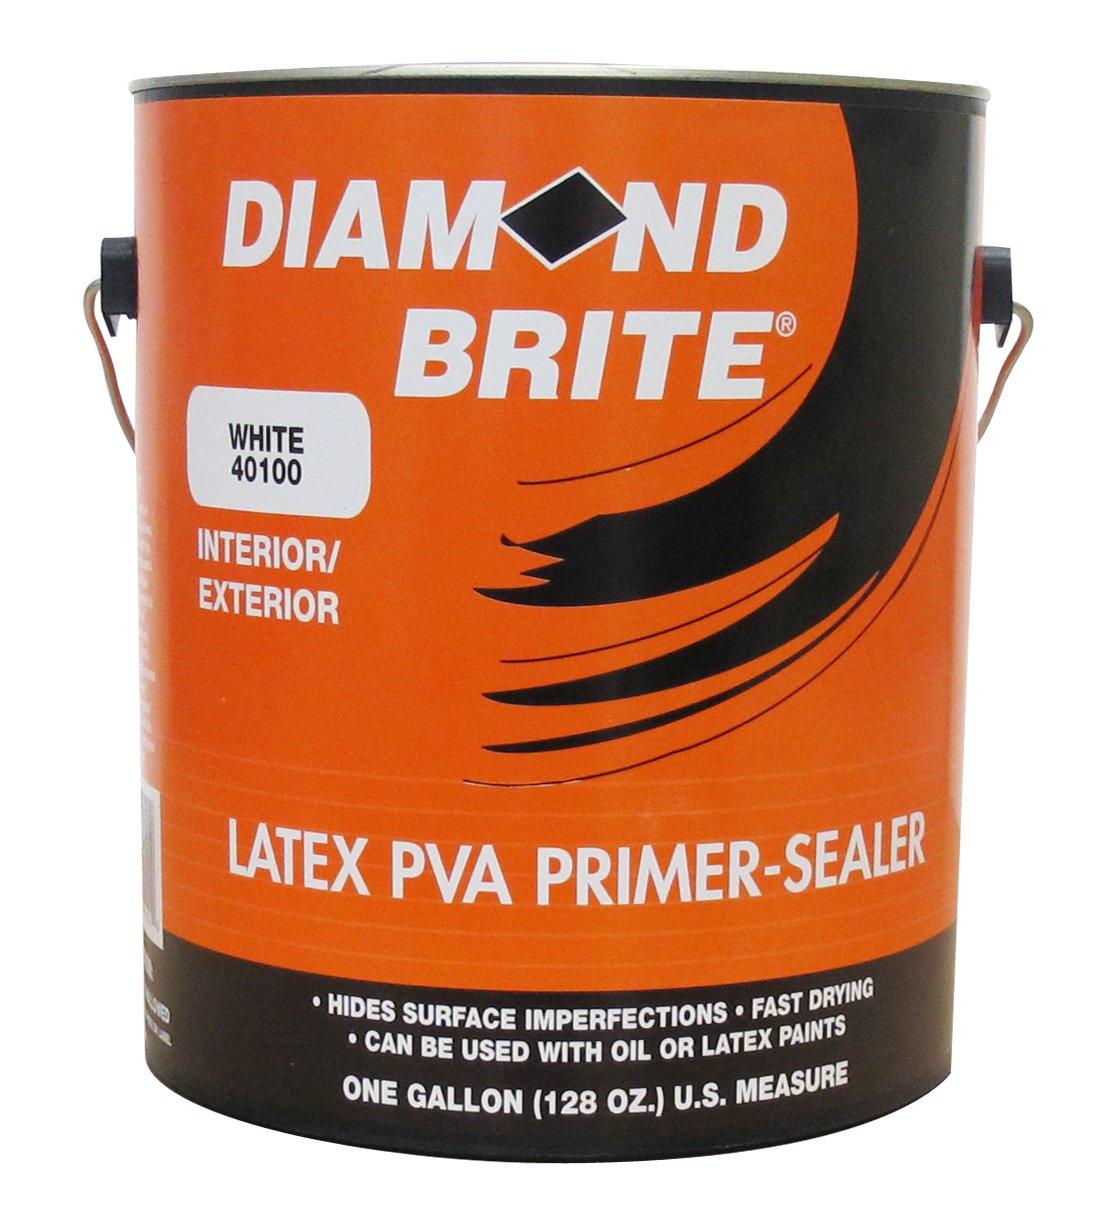 Diamond brite paint 40100 1 gallon interior exterior latex for Exterior latex primer